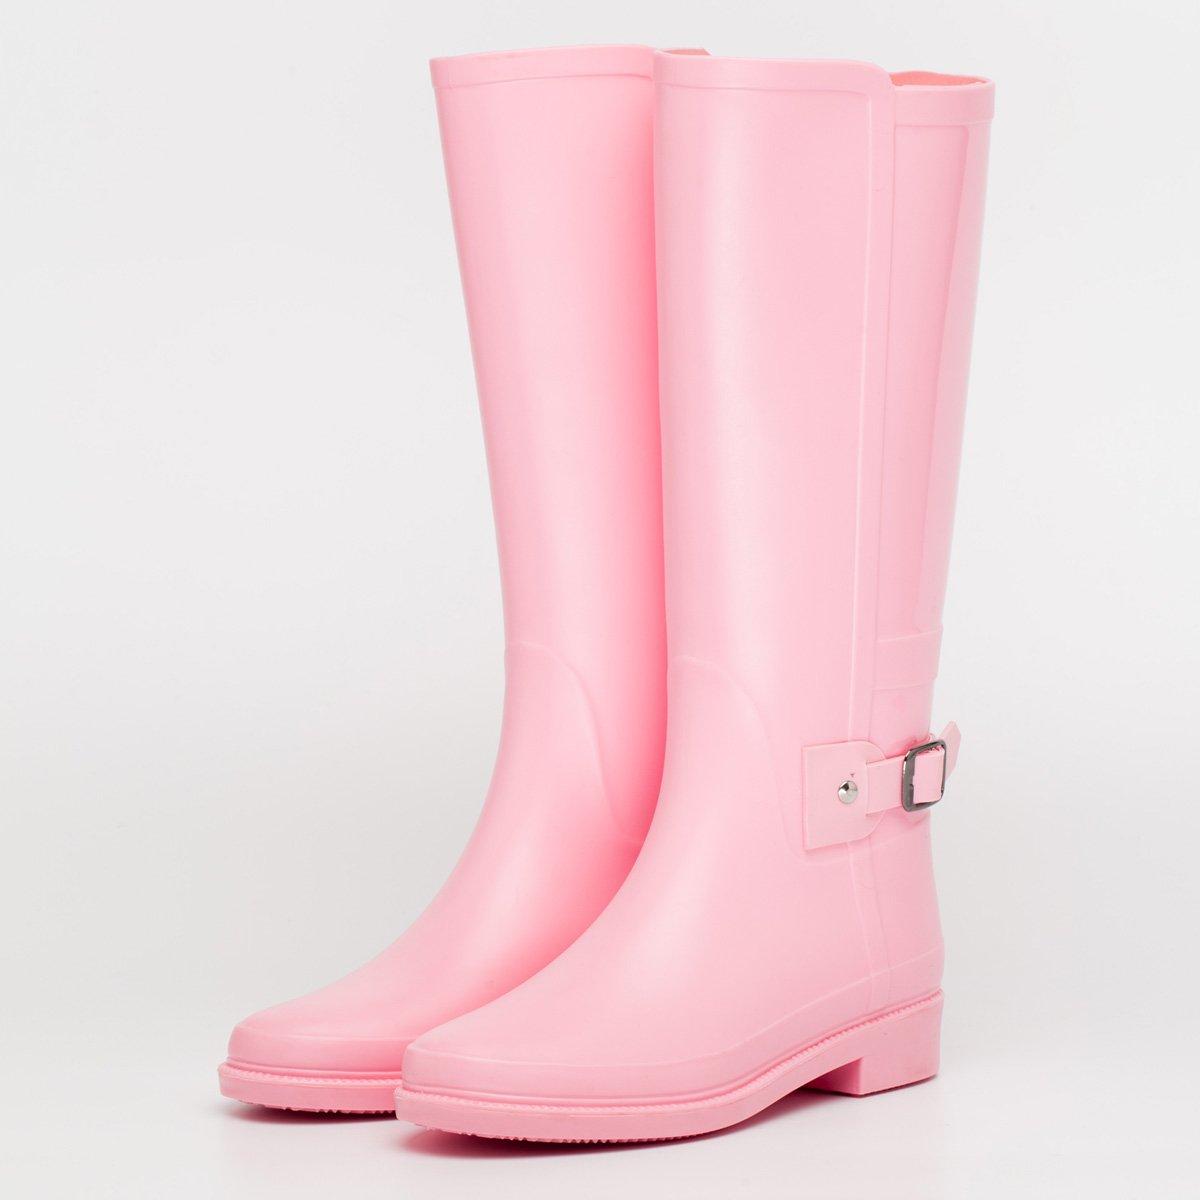 Alger otoño e invierno impermeable señora botas de lluvia, 36-a 36|A